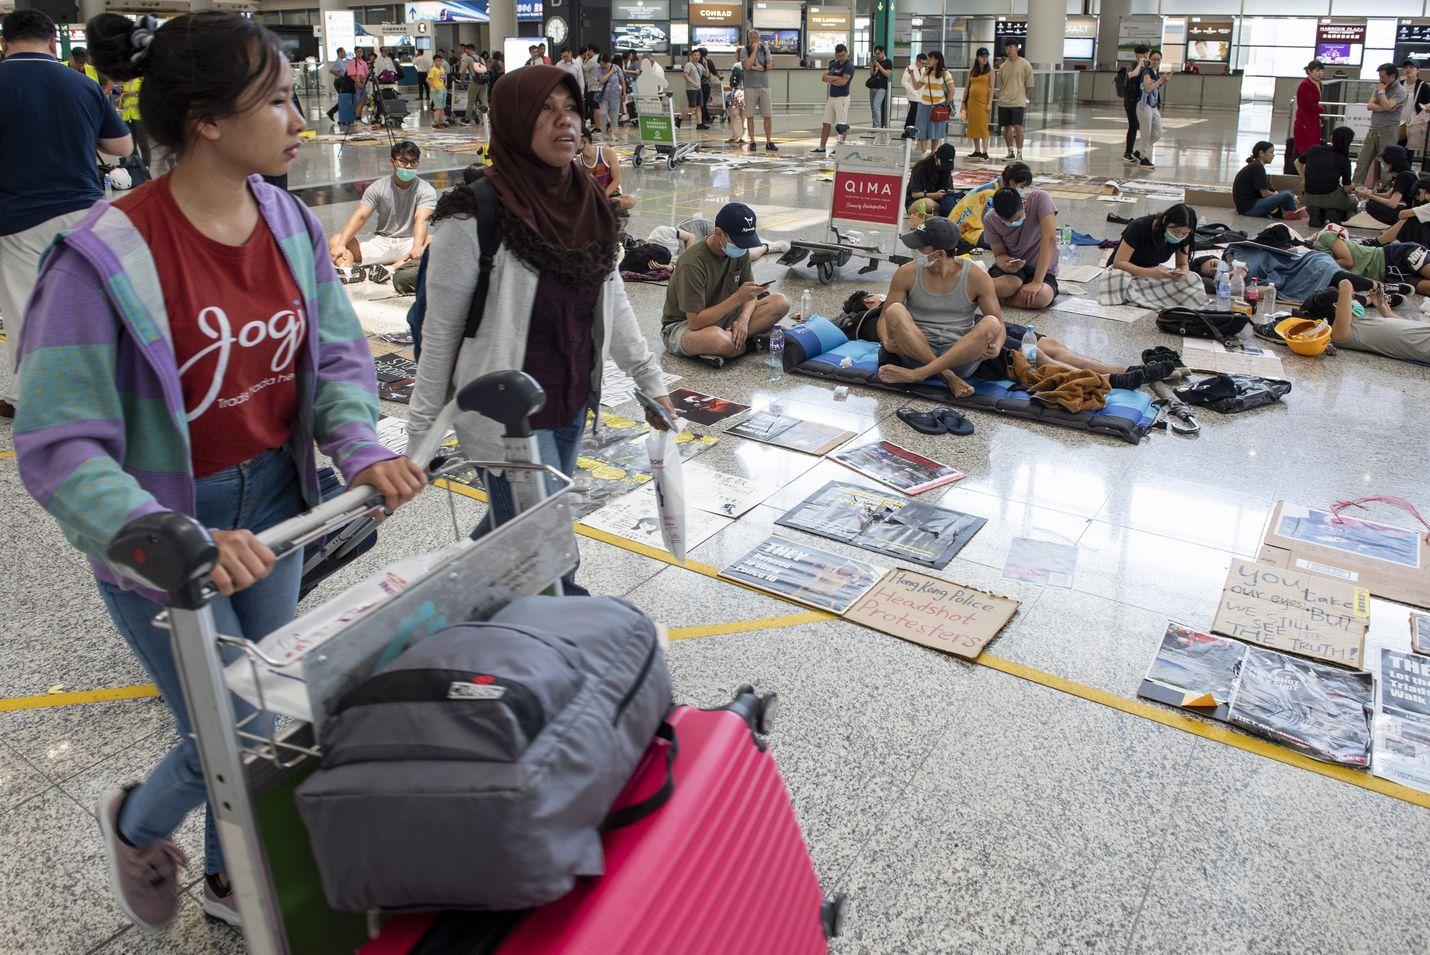 Matkustajat kävelivät hallitusta vastaan mieltään osoittavien ohi Hongkongin lentoasemalla keskiviikkona. Lennot lähtevät jälleen lentoasemalta kahden päivän väkivaltaisten protestien jälkeen.